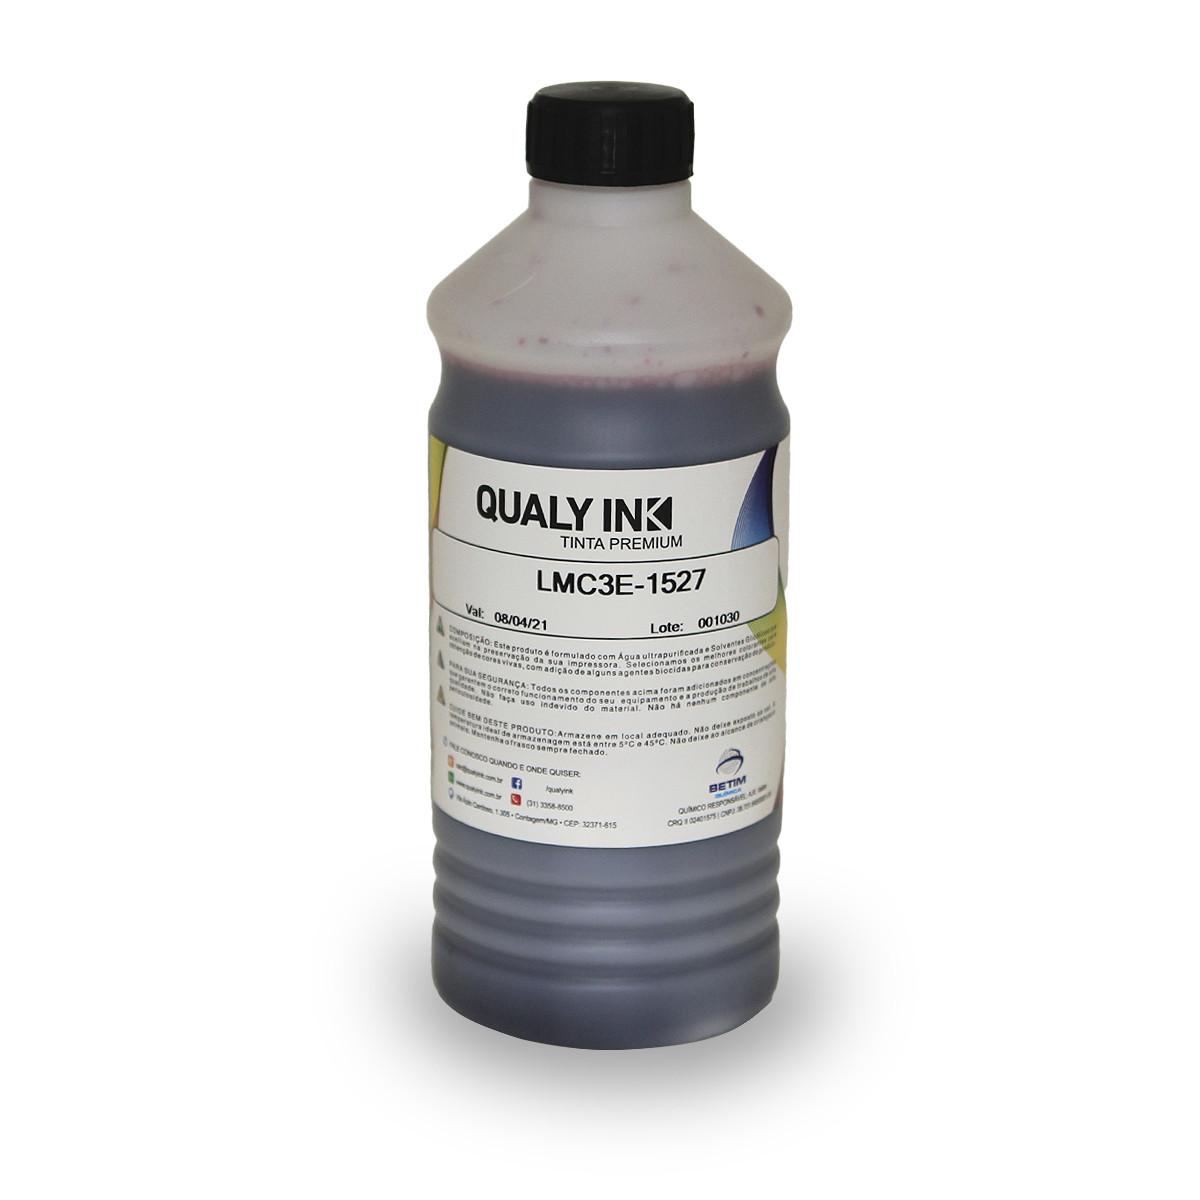 Tinta Epson T673620 Magenta Claro Corante LMC3E-1527   L800 L810 L805 L1800   Qualy ink 1kg